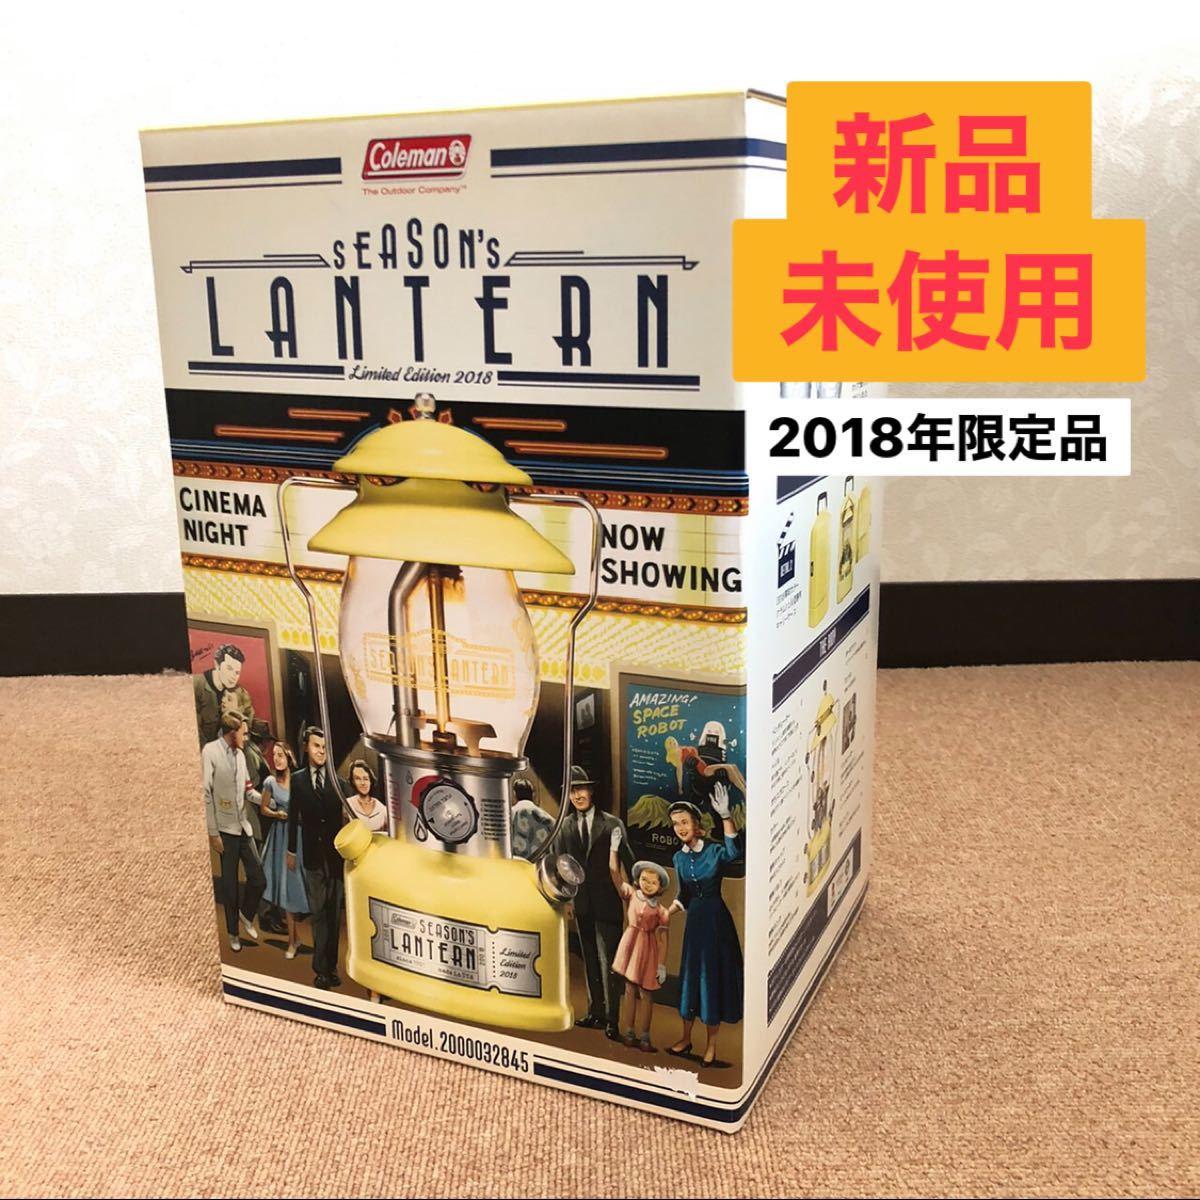 【未使用品】コールマン シーズンズランタン 2018 限定品 ランタン キャンプ 登山 アウトドア バーベキュー